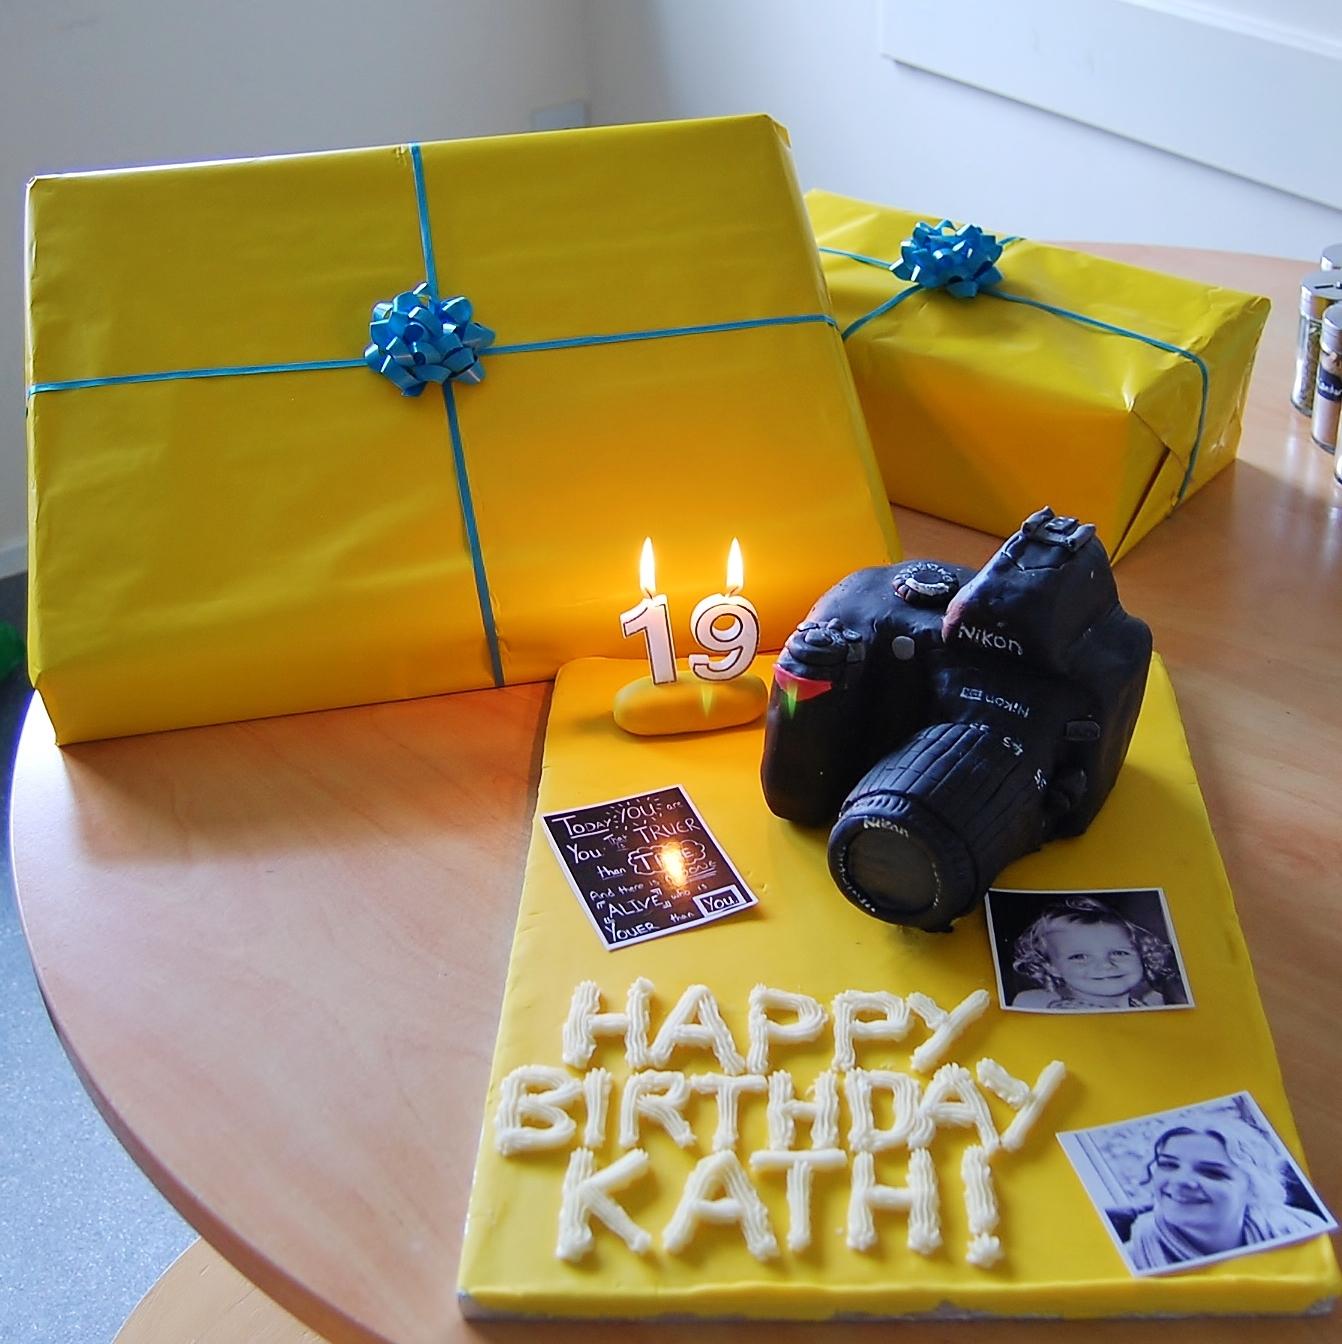 CELEBRATIONS: Early Birthday Treats!